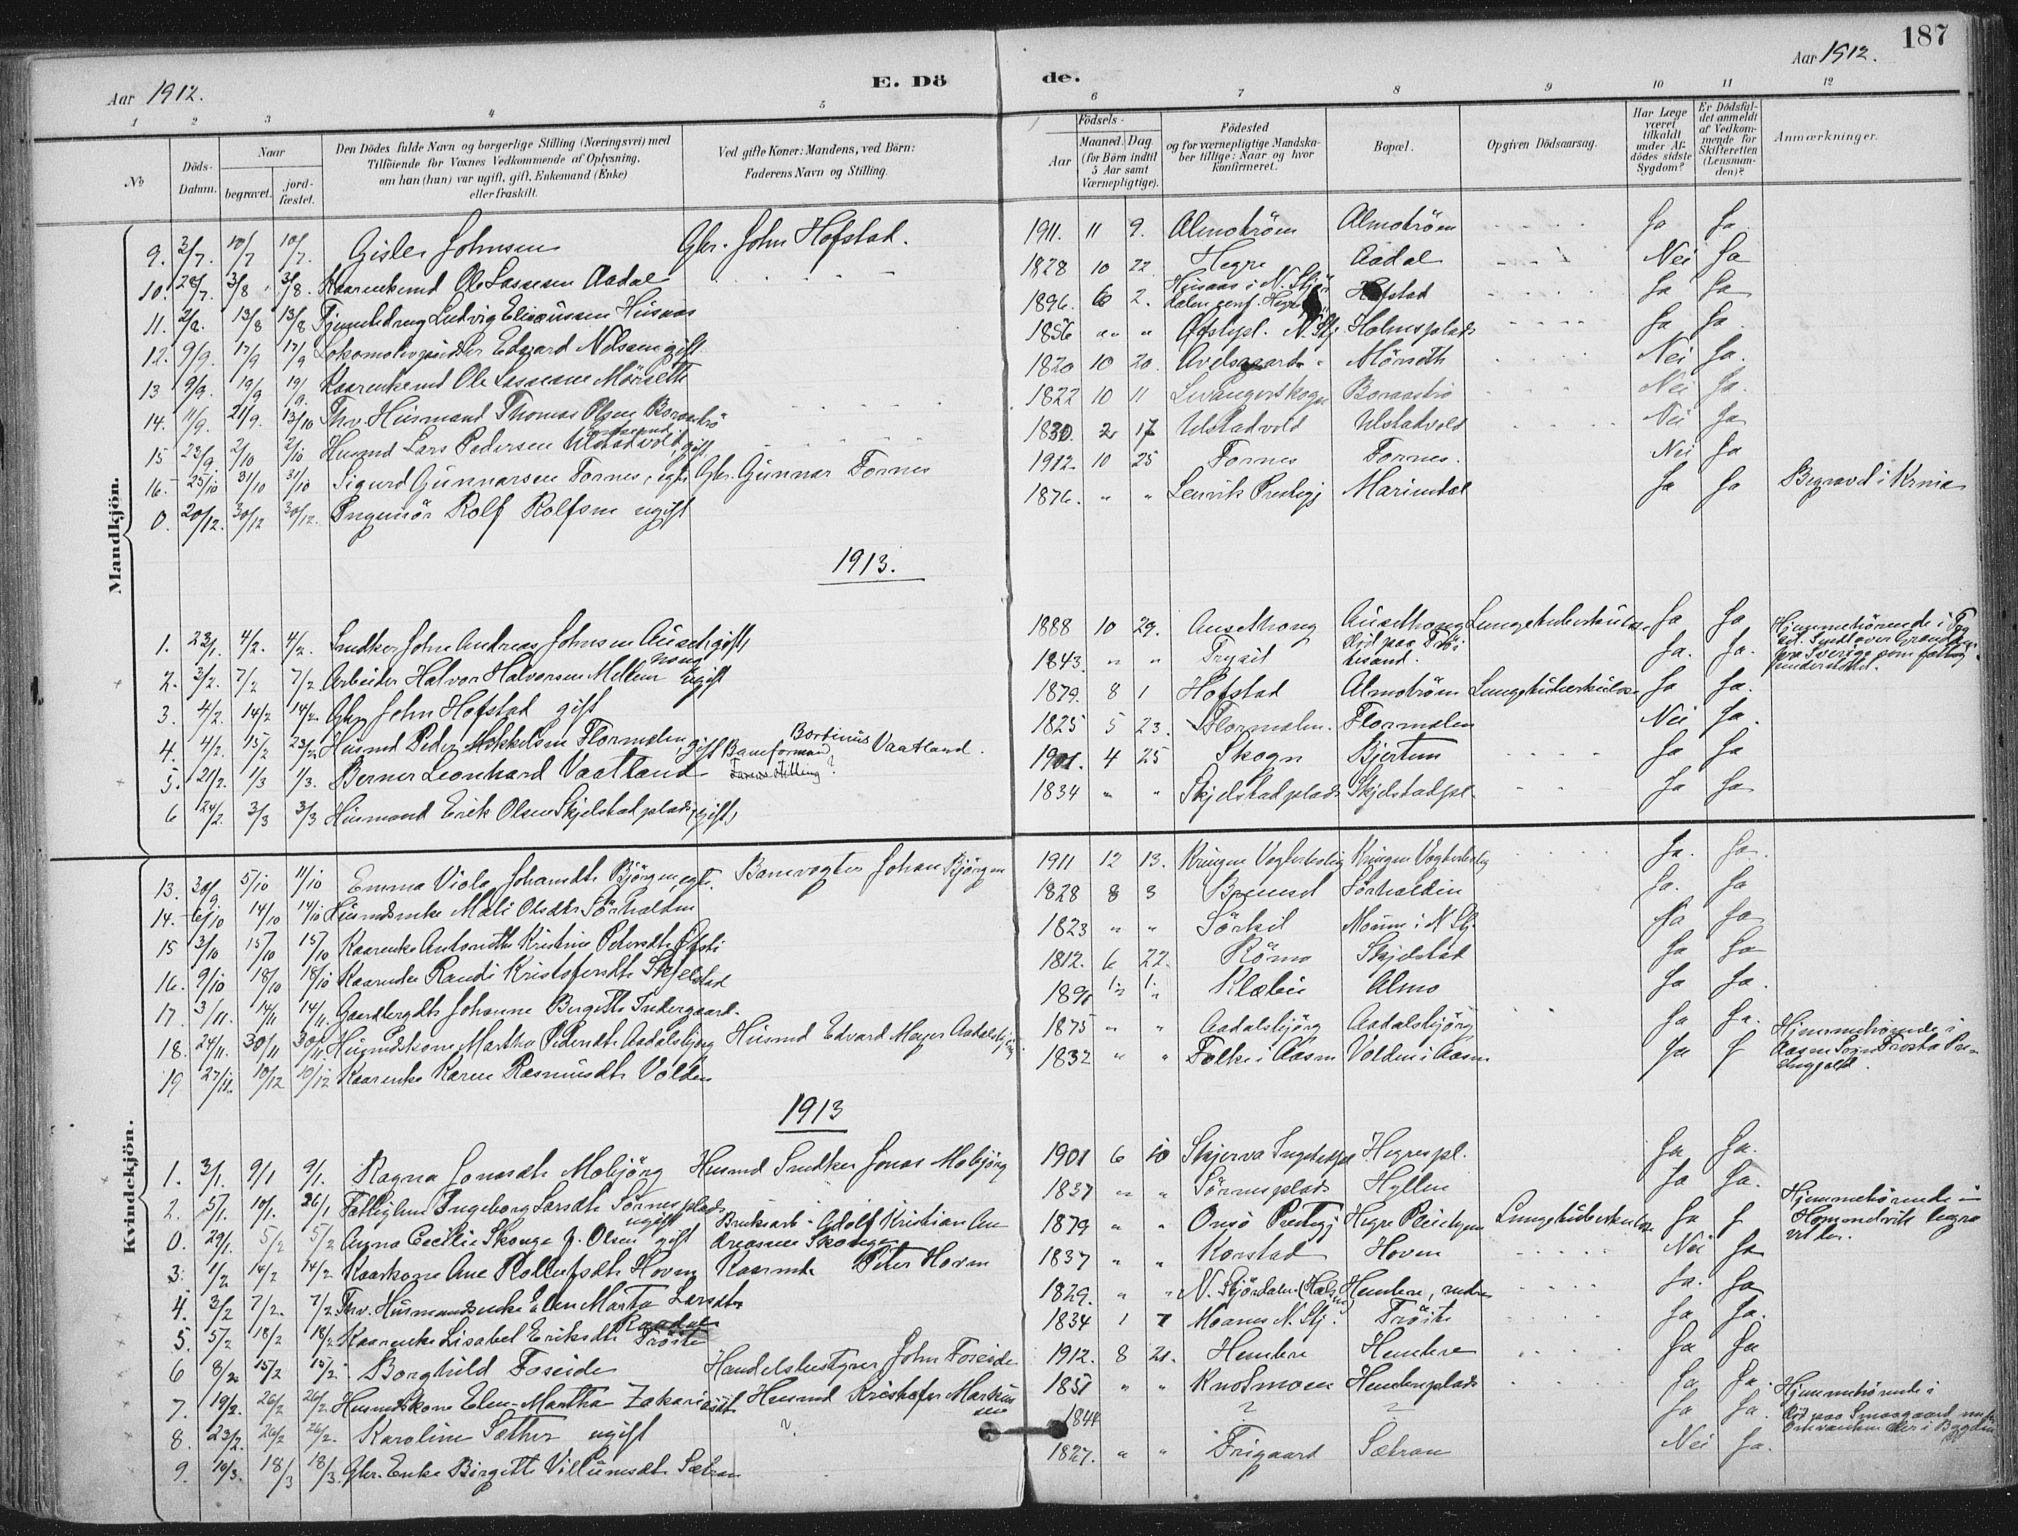 SAT, Ministerialprotokoller, klokkerbøker og fødselsregistre - Nord-Trøndelag, 703/L0031: Ministerialbok nr. 703A04, 1893-1914, s. 187